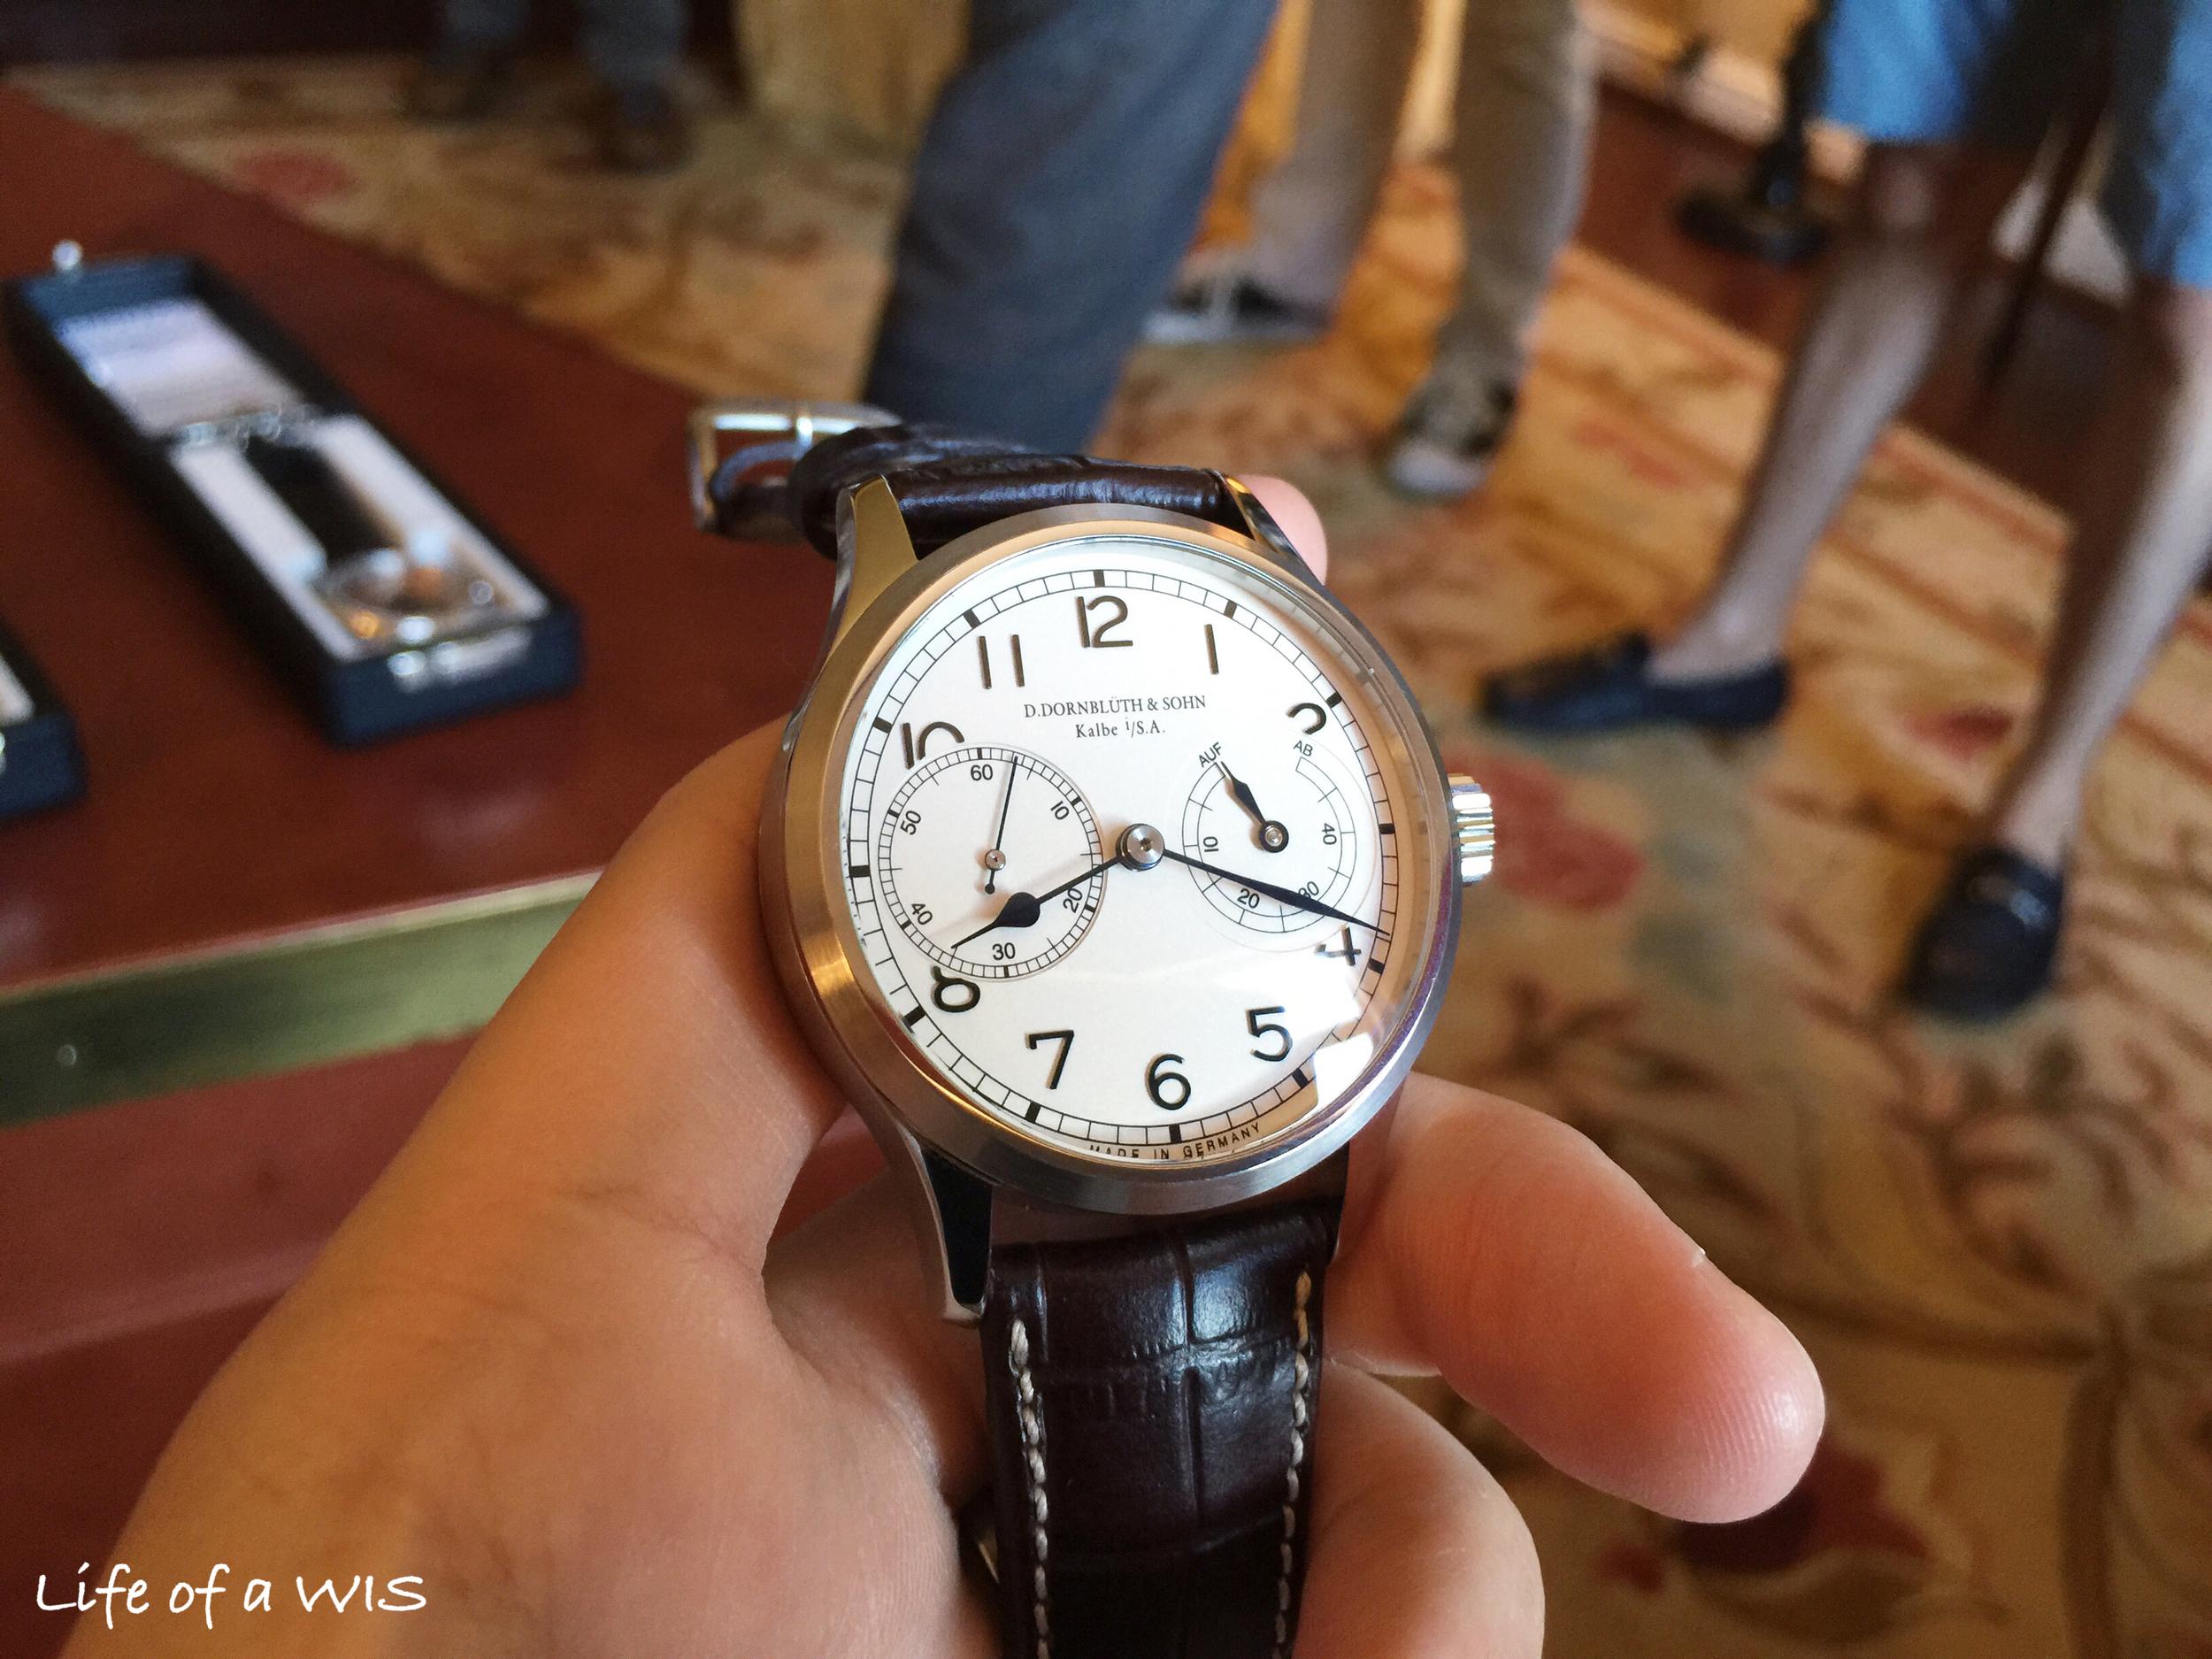 A very clean dial on the D. Dornbluth & Sohn 99.2, $6,460.